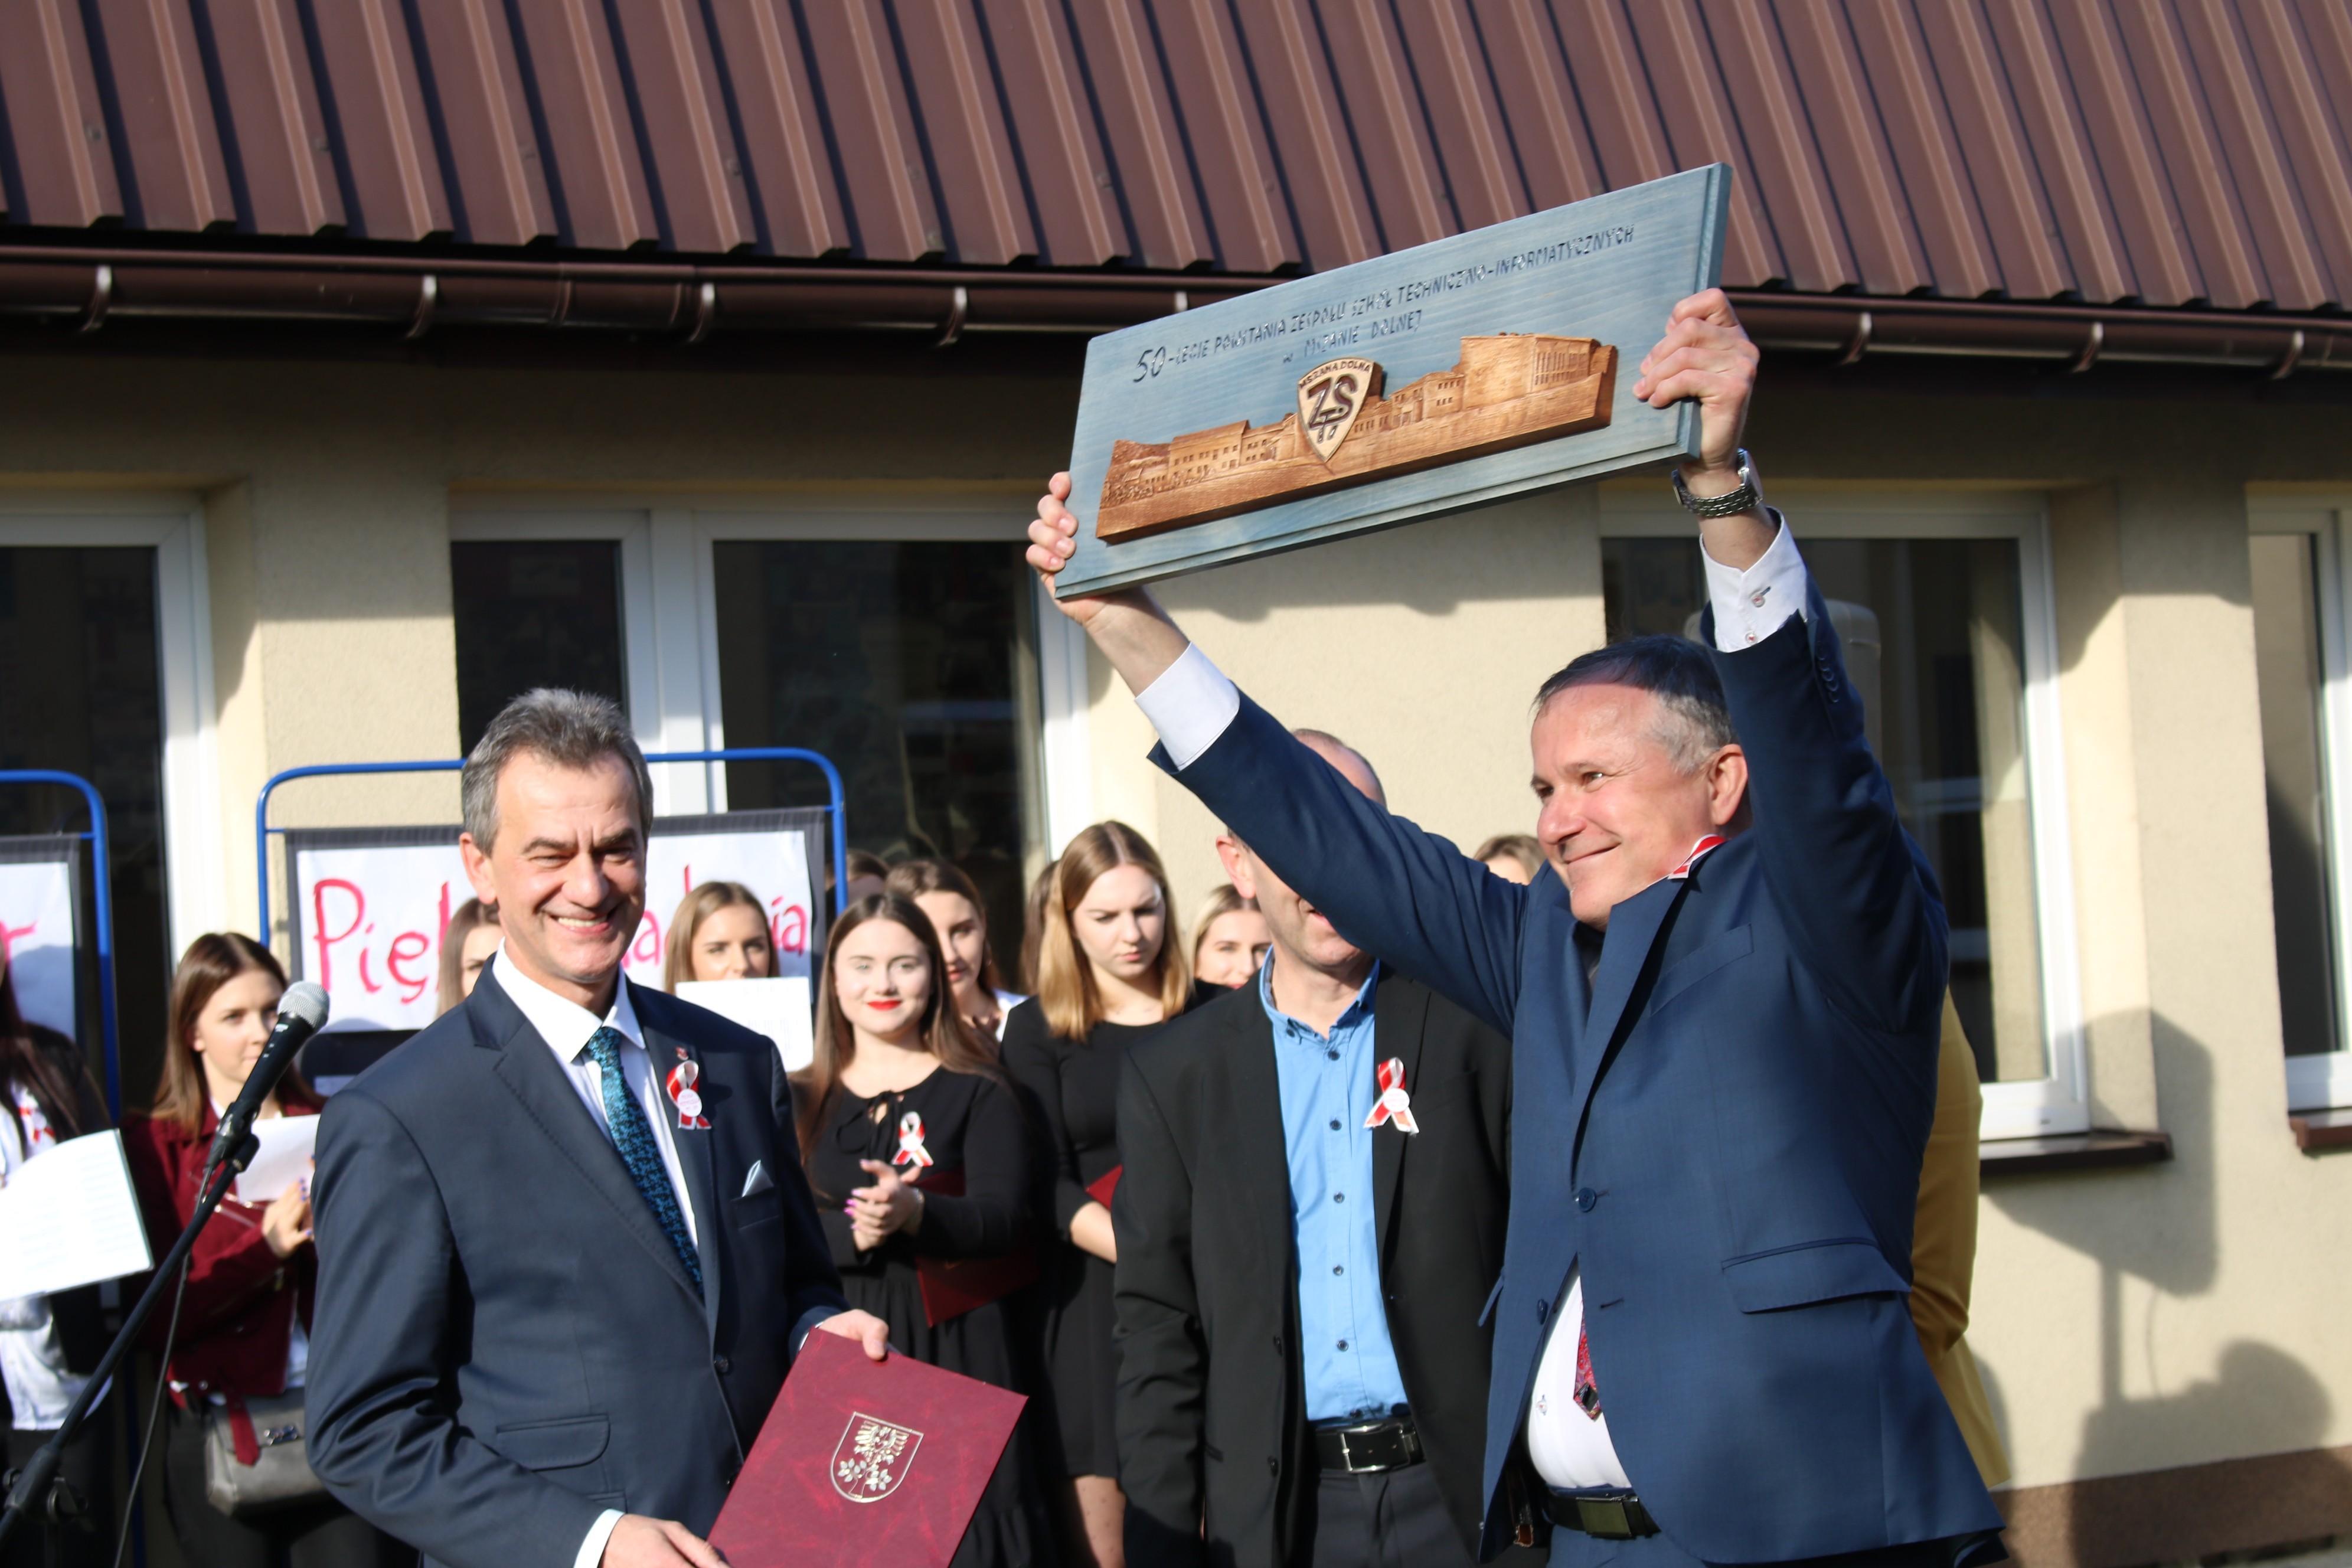 Na zdjęciu: Wicestarosta Mieczysław Uryga przekazuje rzeźbę na ręce Dyrektora ZSTI